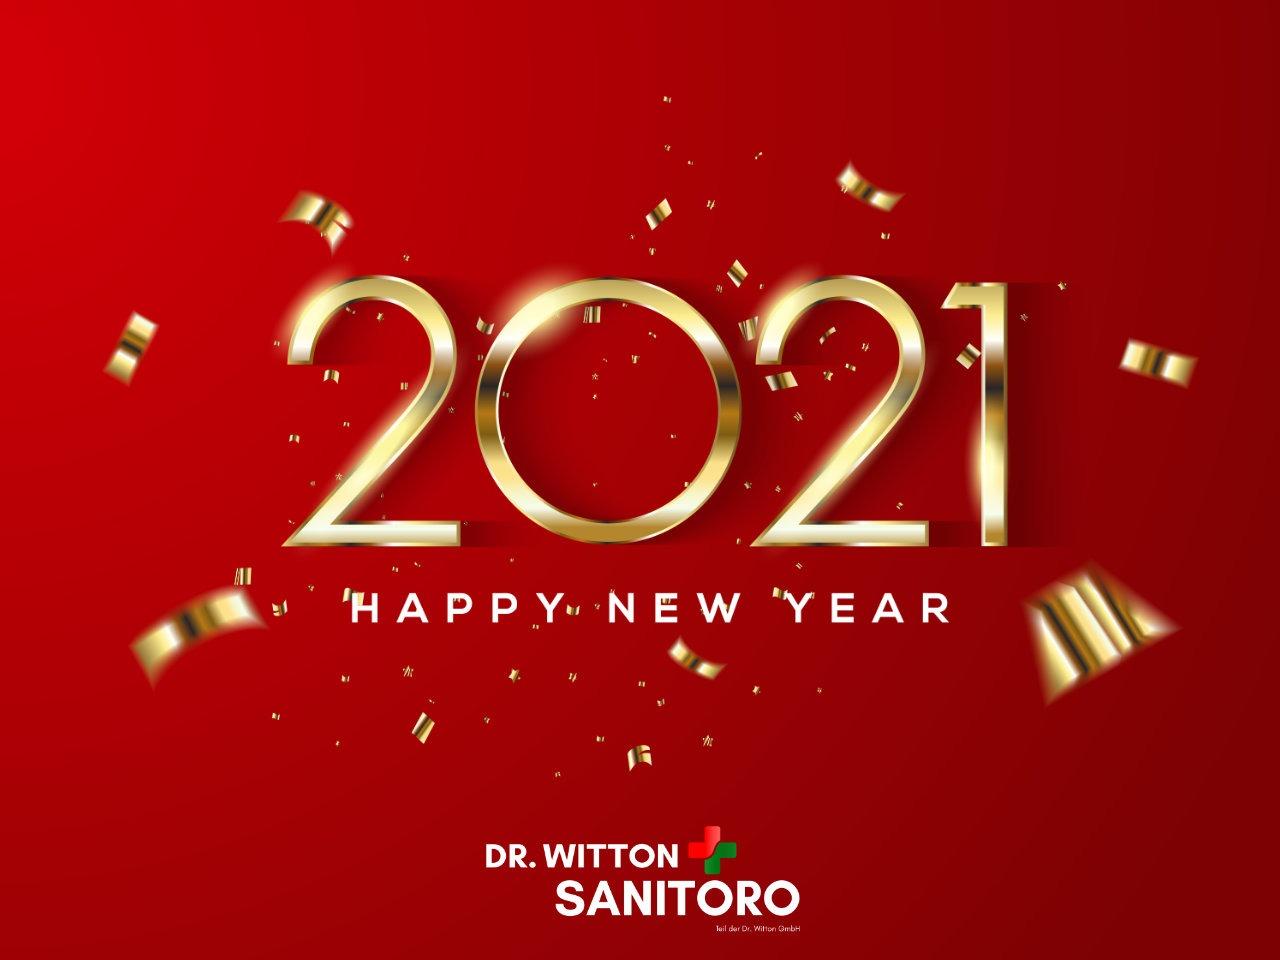 Wir wünschen alle ein frohes Neues Jahr !